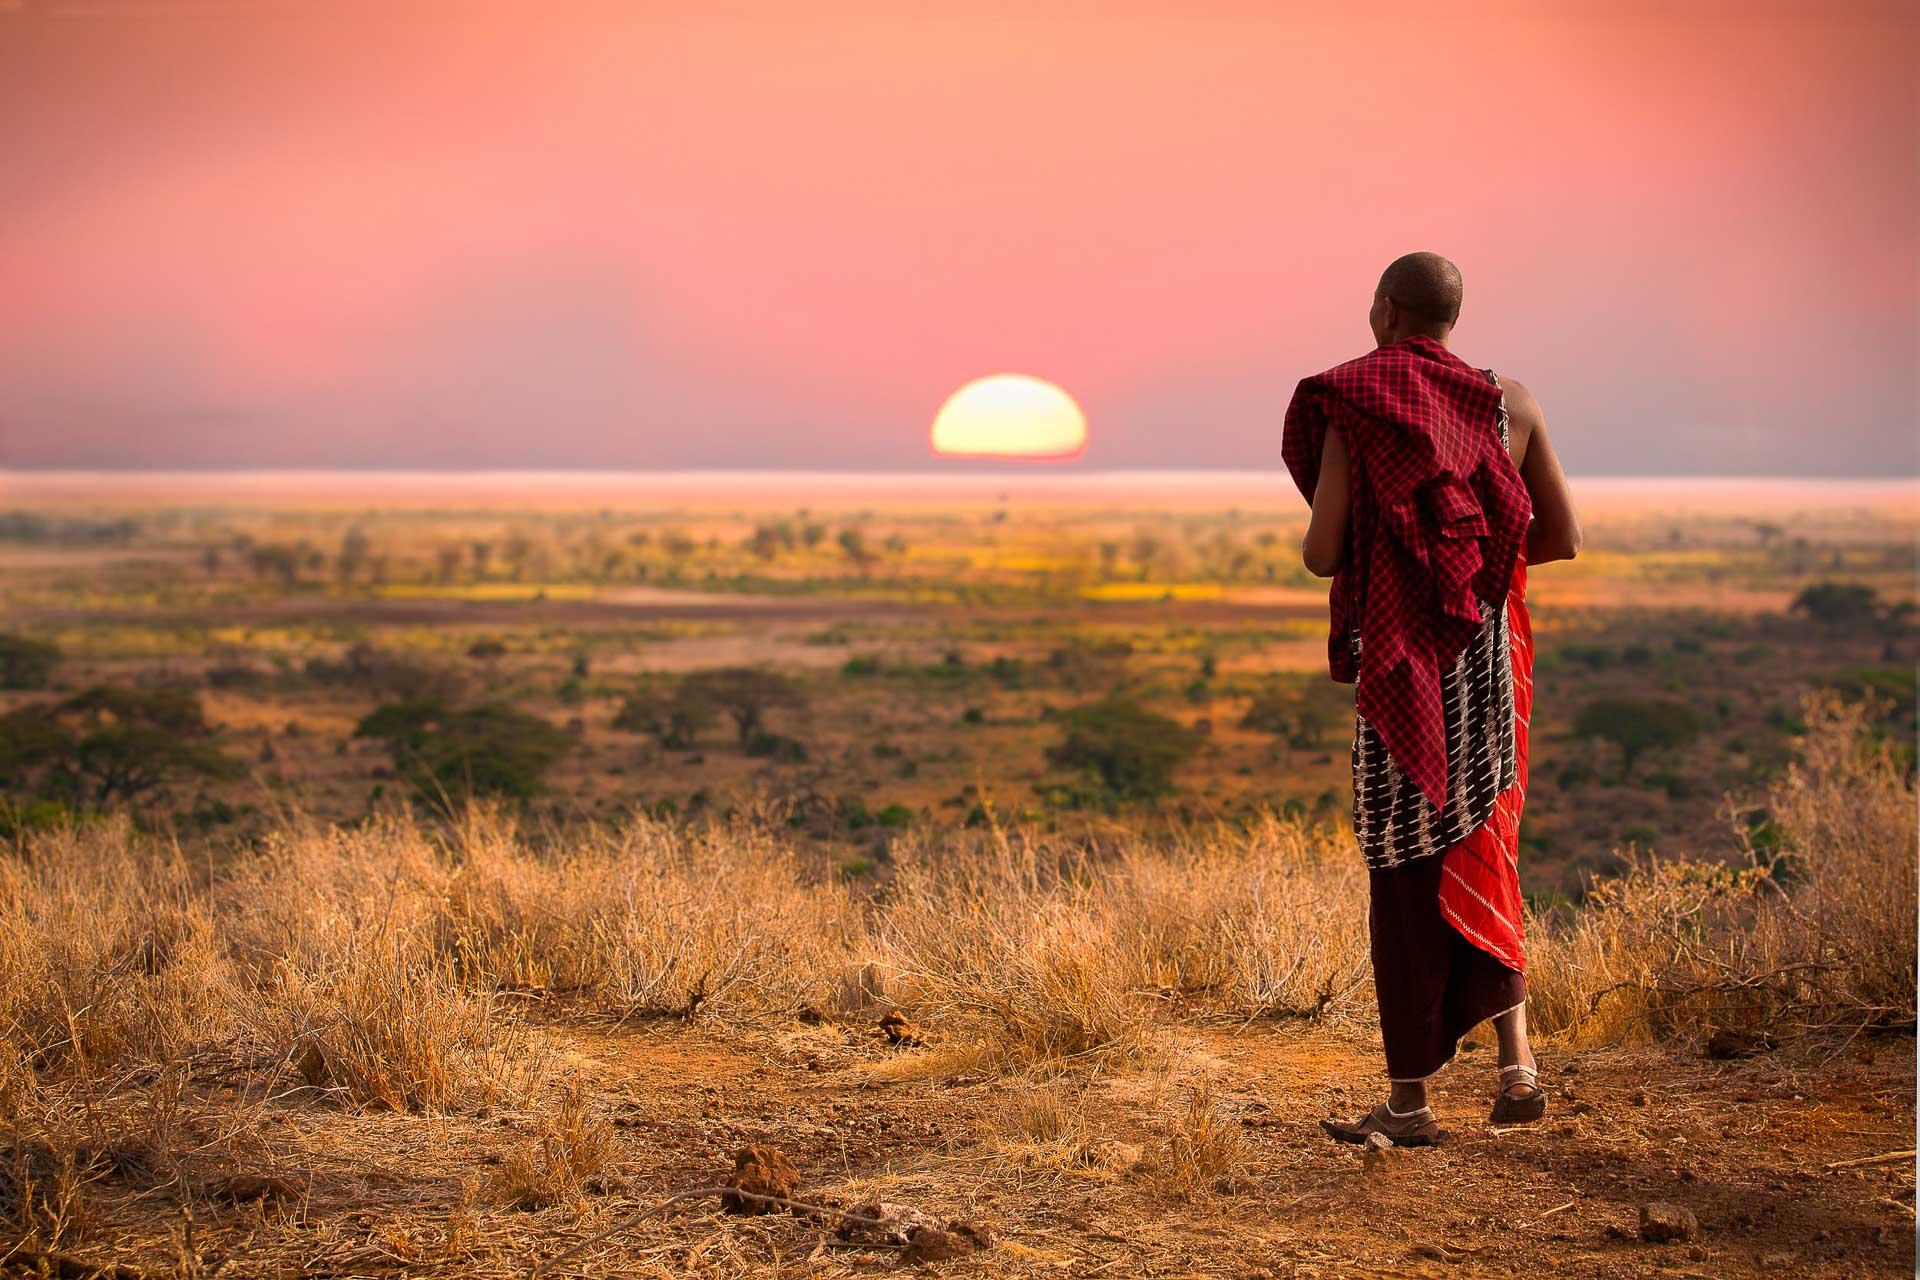 Des rencontres avec les tribus les plus anciennes de Tanzanie (les Maasaï, les Hadzabe, les Datoga) sont au programme © DR